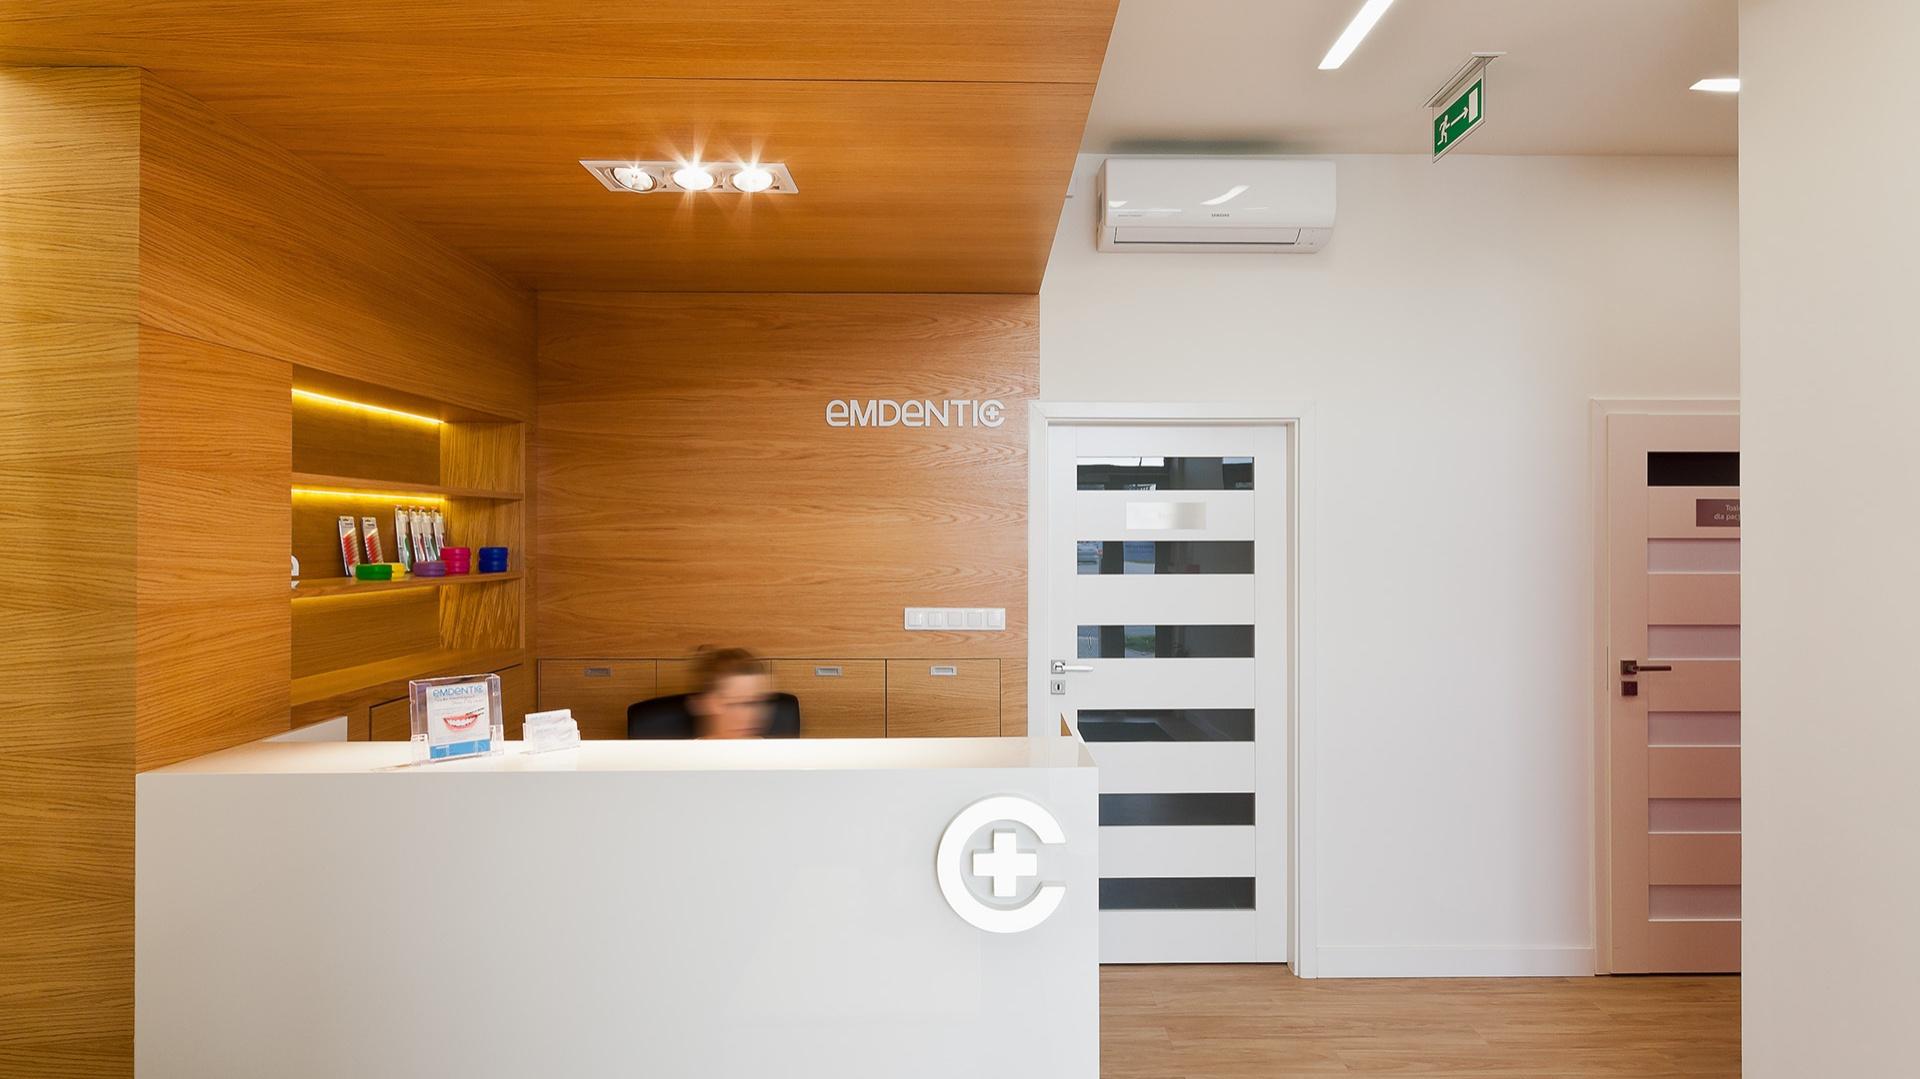 W EM Dentic postawiono na soczyste i starannie dobrane kolory, które działają relaksująco i wprowadzają pozytywny klimat. Fot. Biuro projektowe A+D